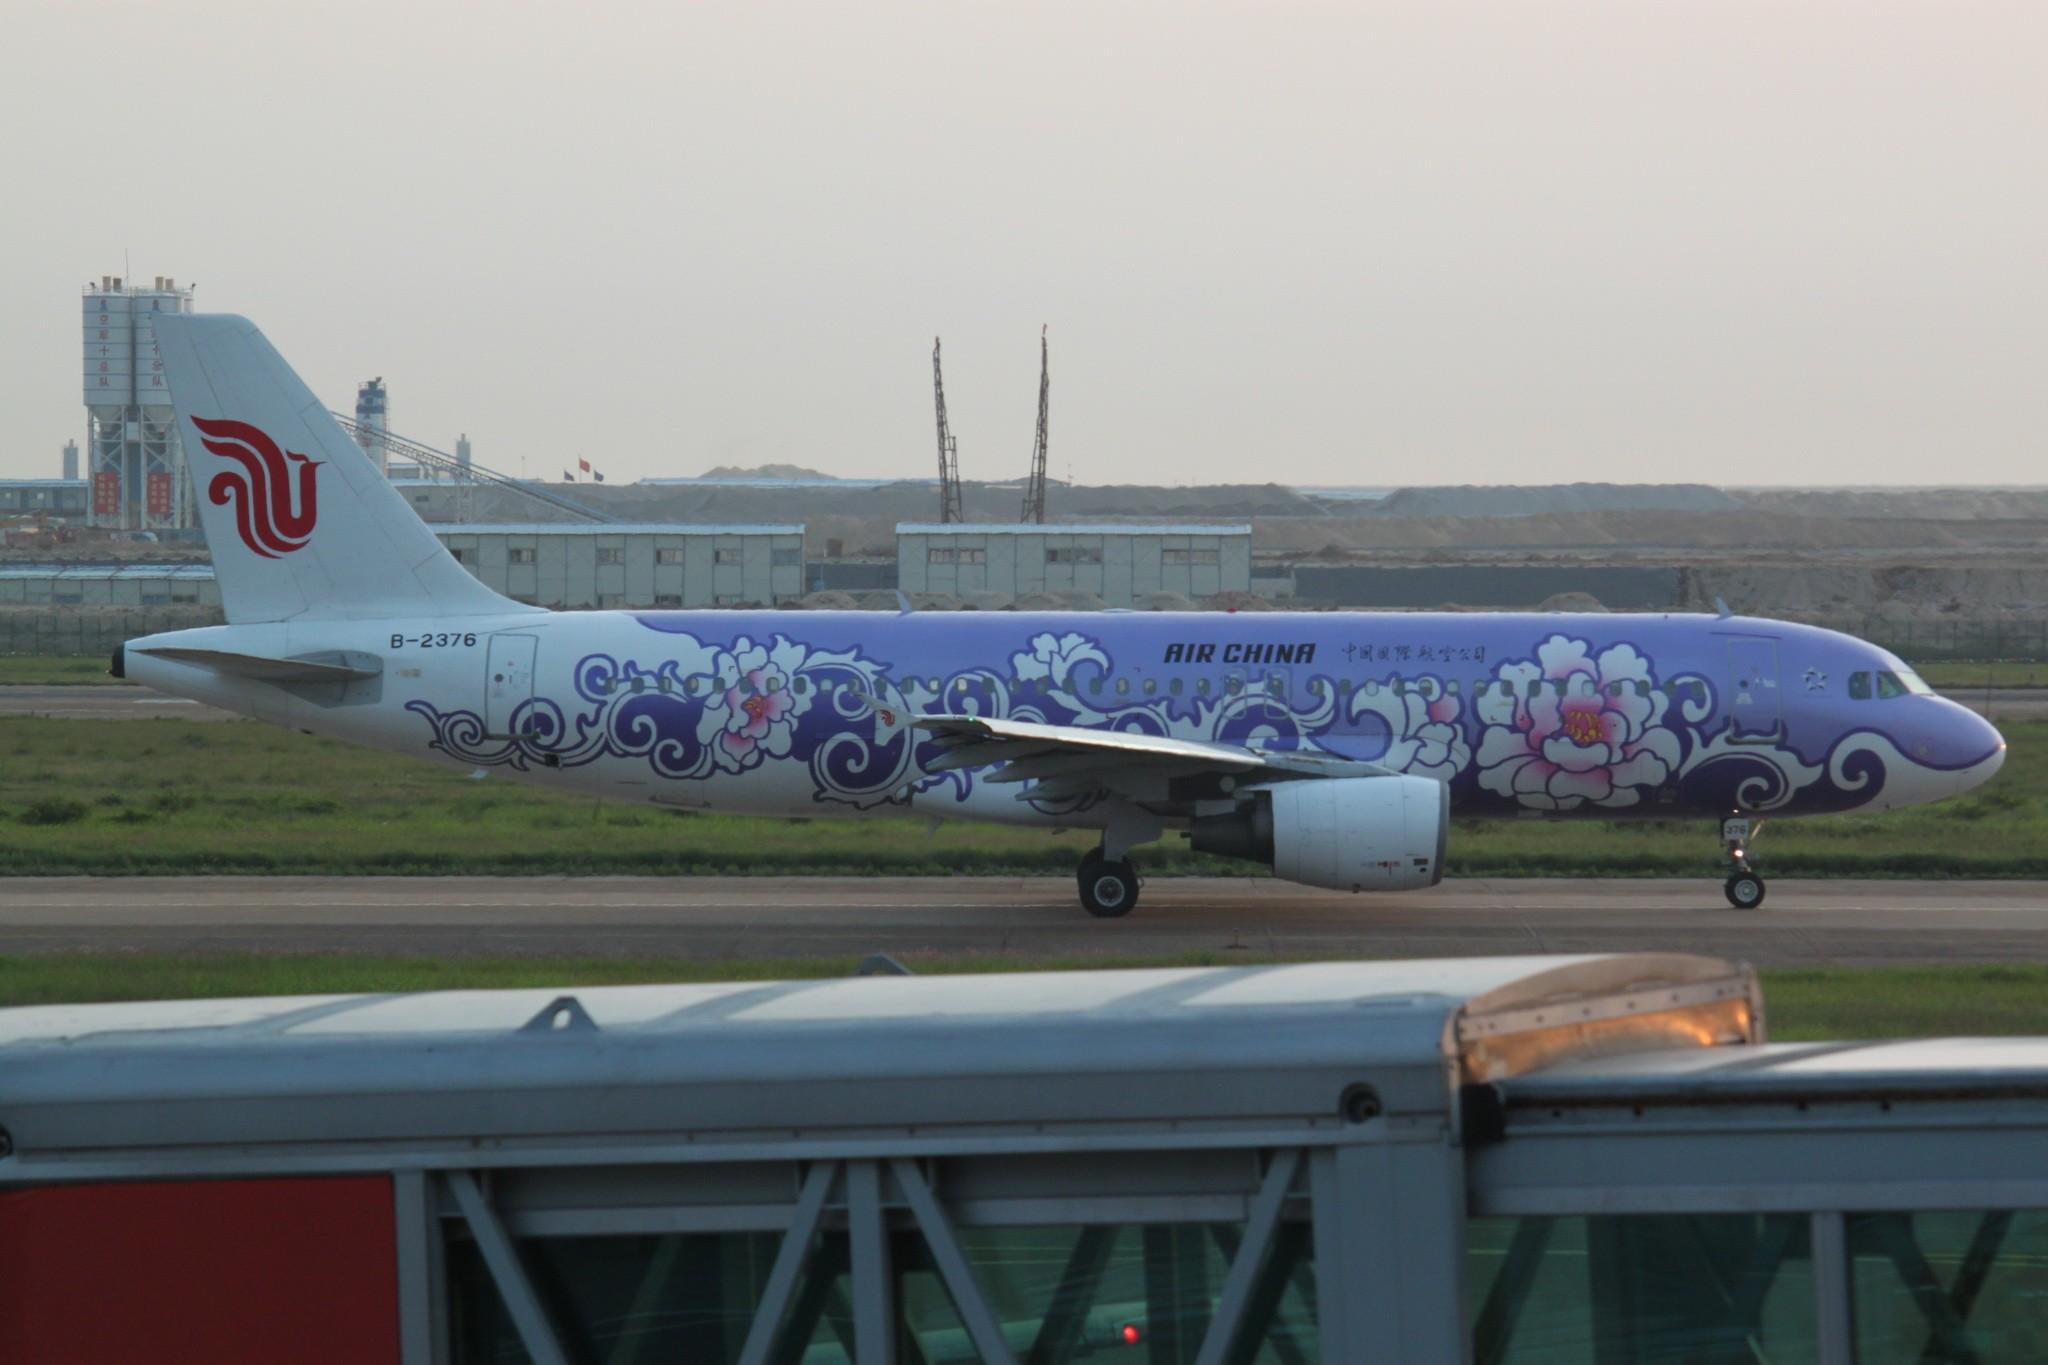 Re:[原创]5月2号在宝安机场拍到的几架飞机 AIRBUS A320-200 B-2376 中国深圳宝安机场